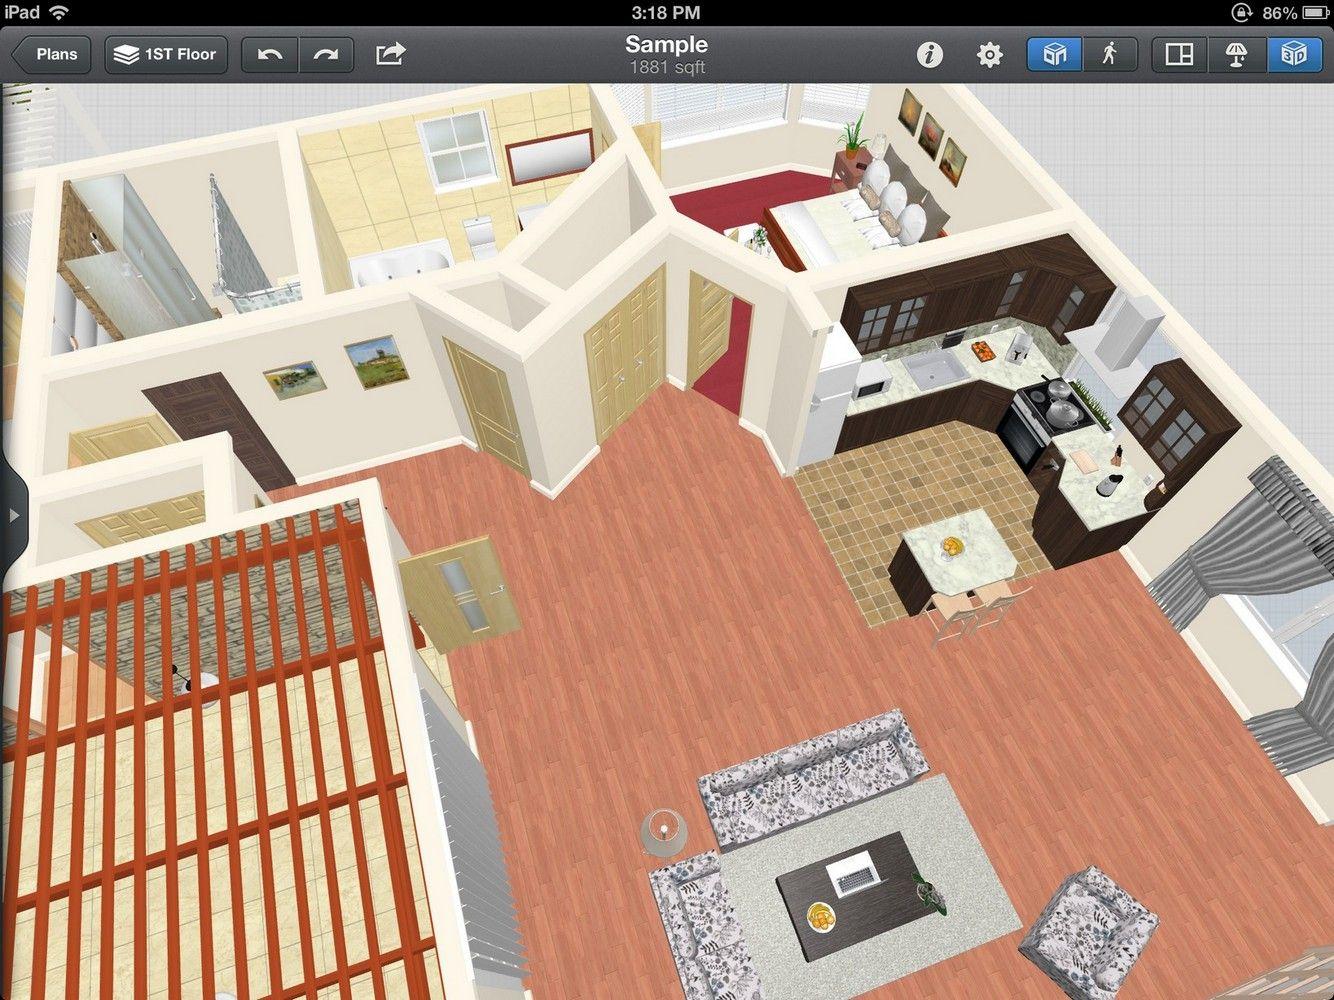 Create Your Space Using Ipad Interior Design App App Design